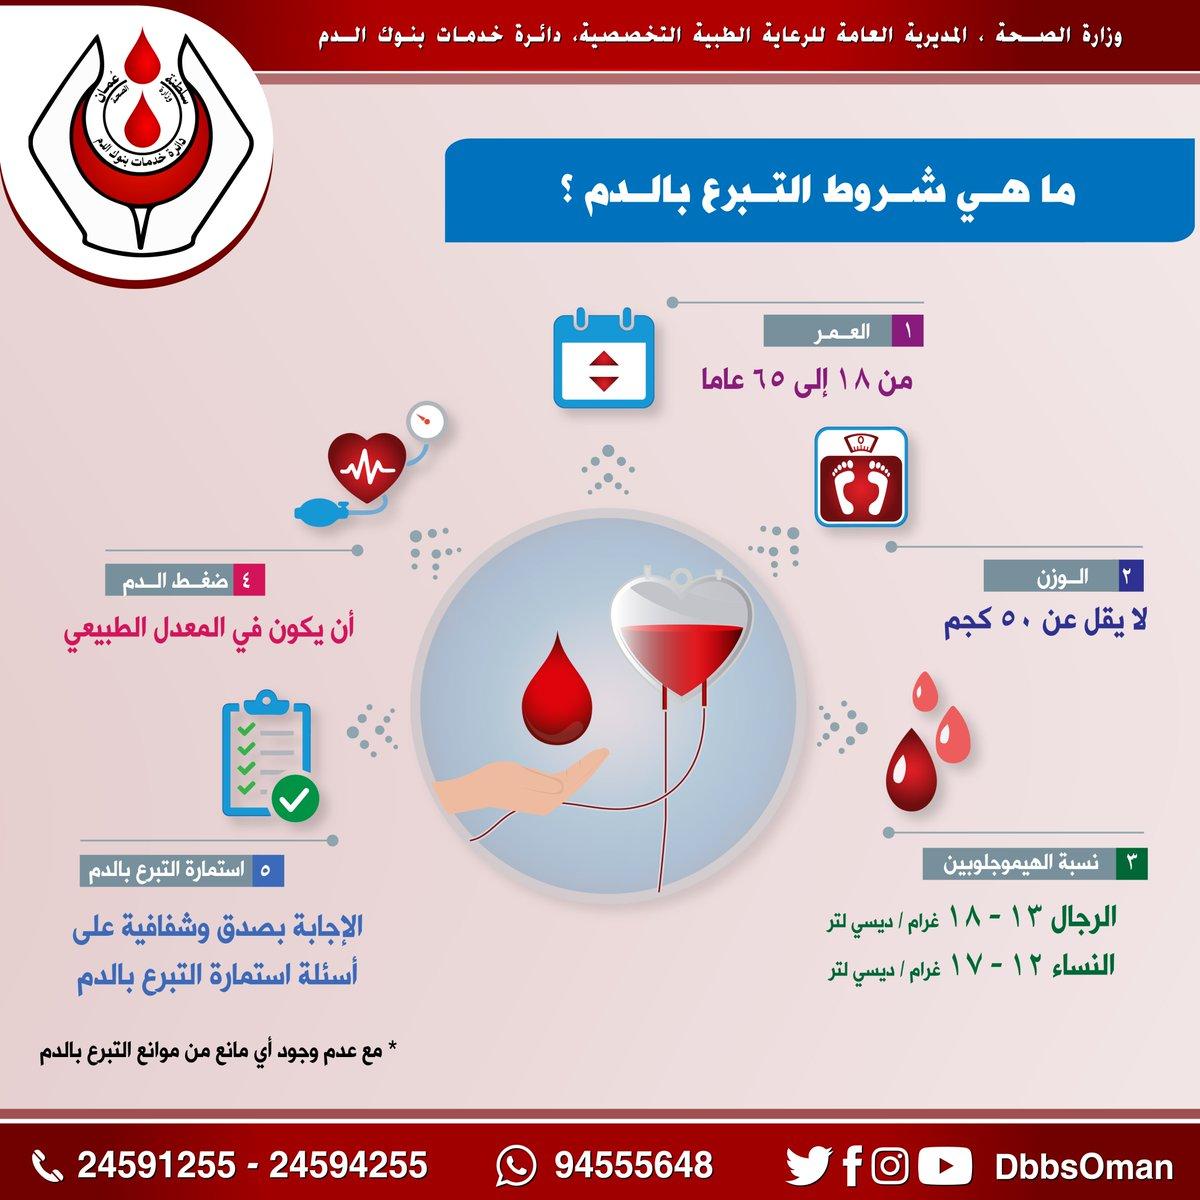 دائرة خدمات بنوك الدم On Twitter ما هي شروط التبرع بالدم أن يكون عمر المتبرع بين 18 و65 عام أن لا يقل وزن المتبرع عن 50 كجم أن يكـون ضغط